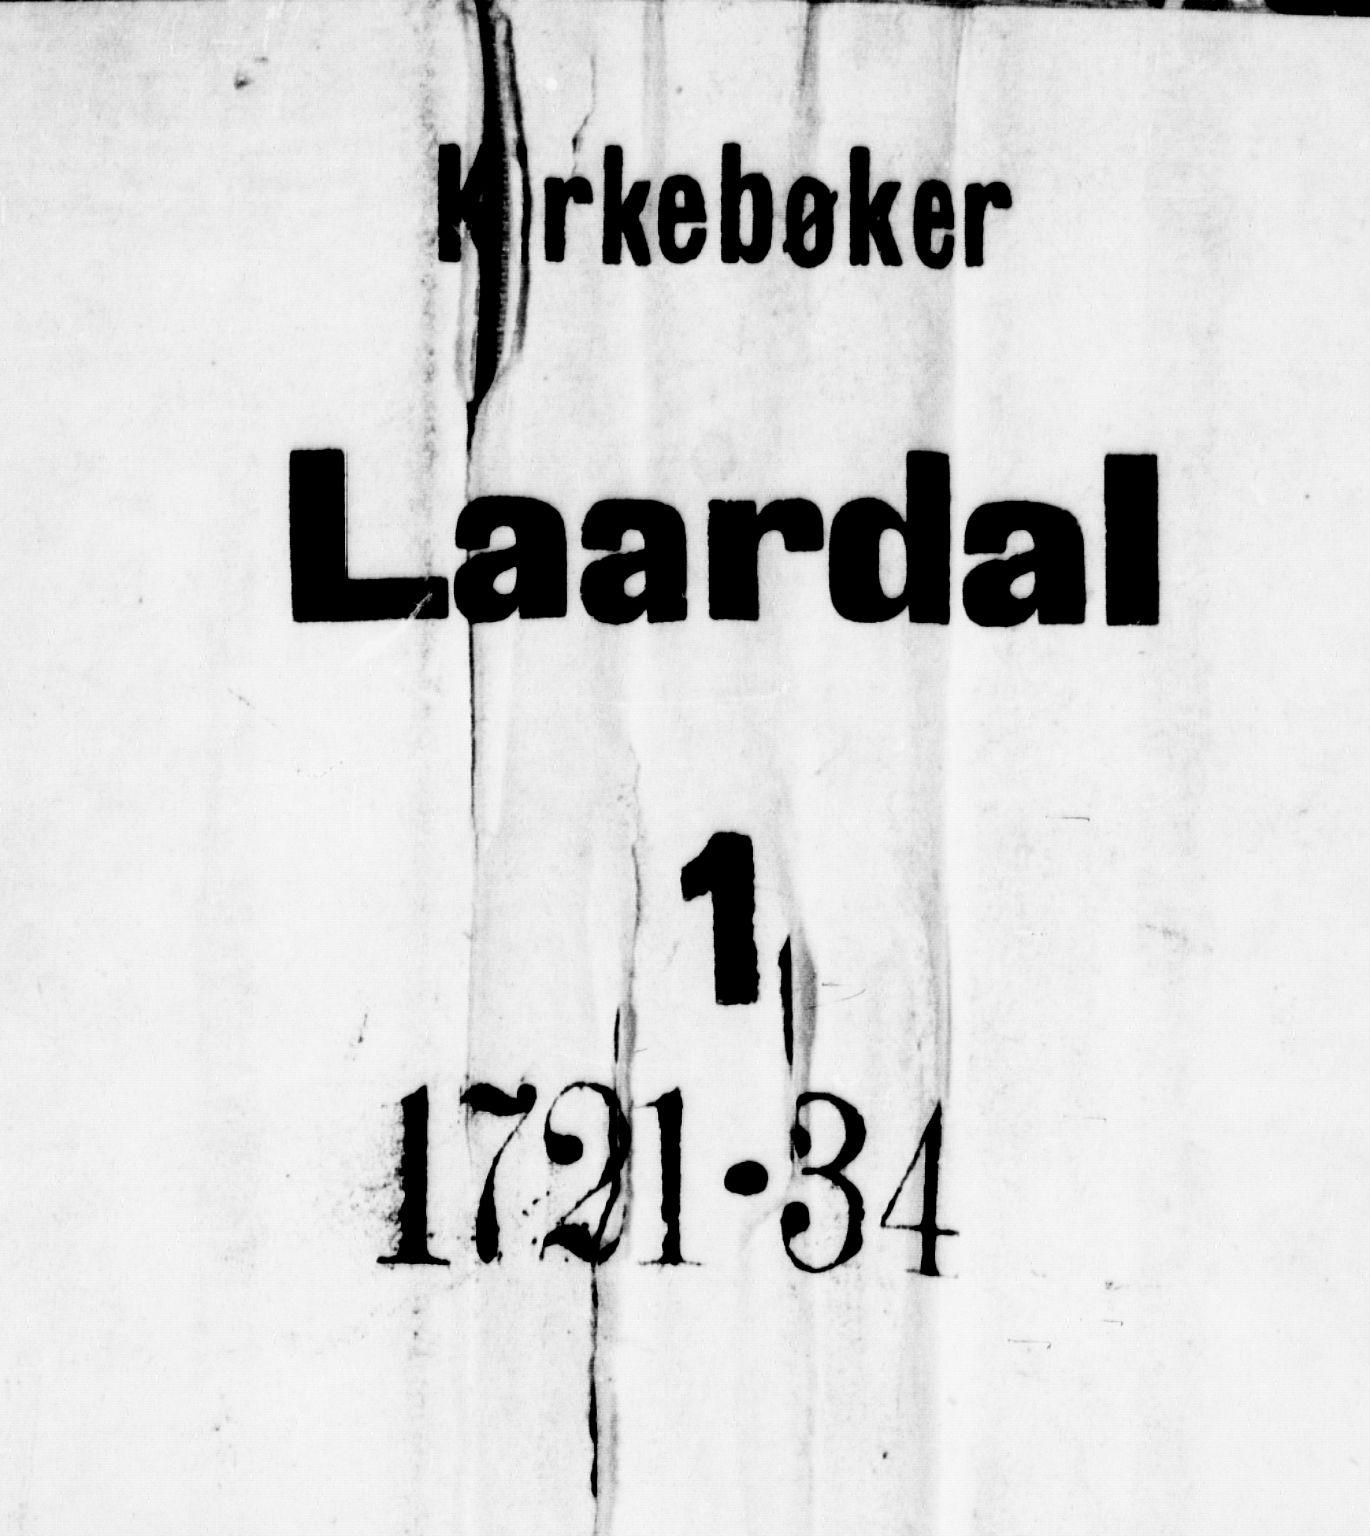 SAKO, Lårdal kirkebøker, F/Fa/L0001: Ministerialbok nr. I 1, 1721-1734